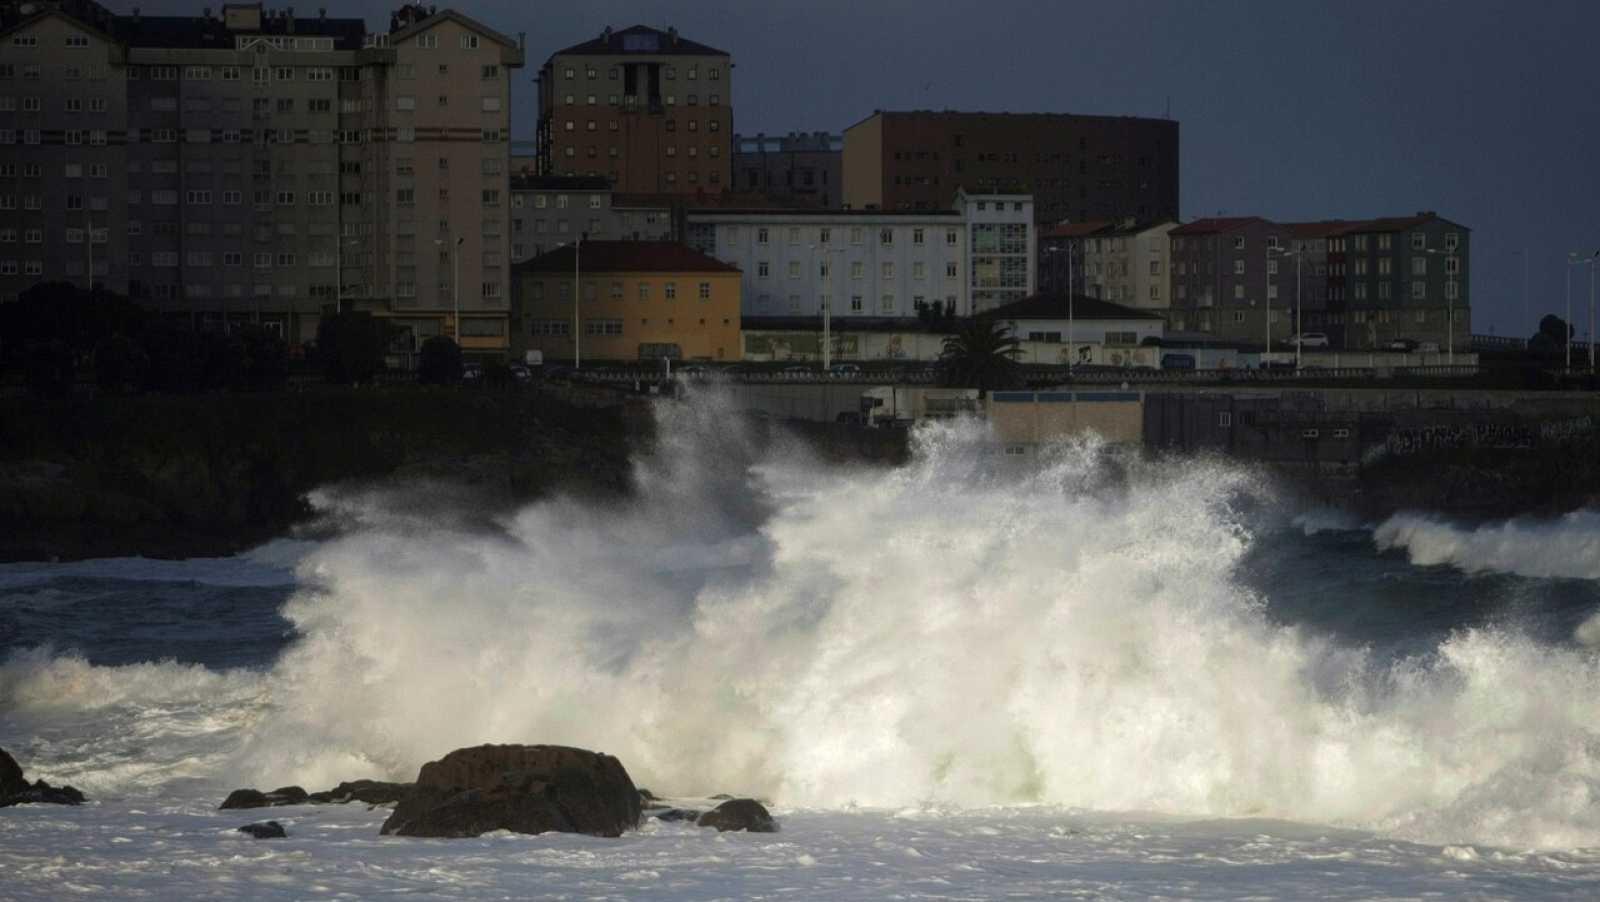 El temporal Bella mantiene el norte de España en alerta naranja por nieve y fuerte oleaje